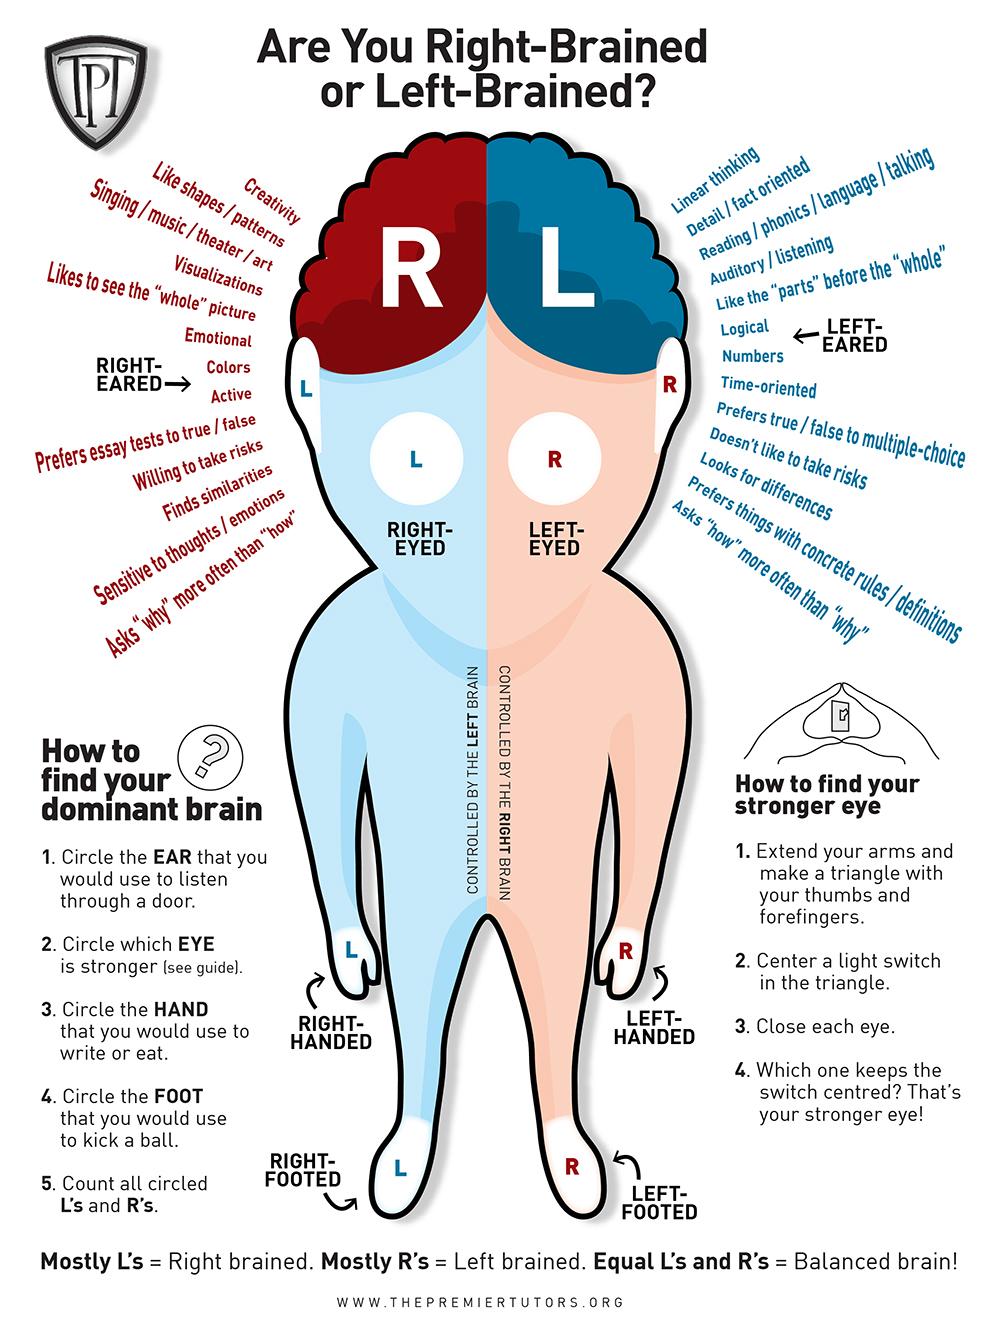 https://i0.wp.com/thepremiertutors.org/wp-content/uploads/2012/04/tpt-right-or-left-brain.jpg